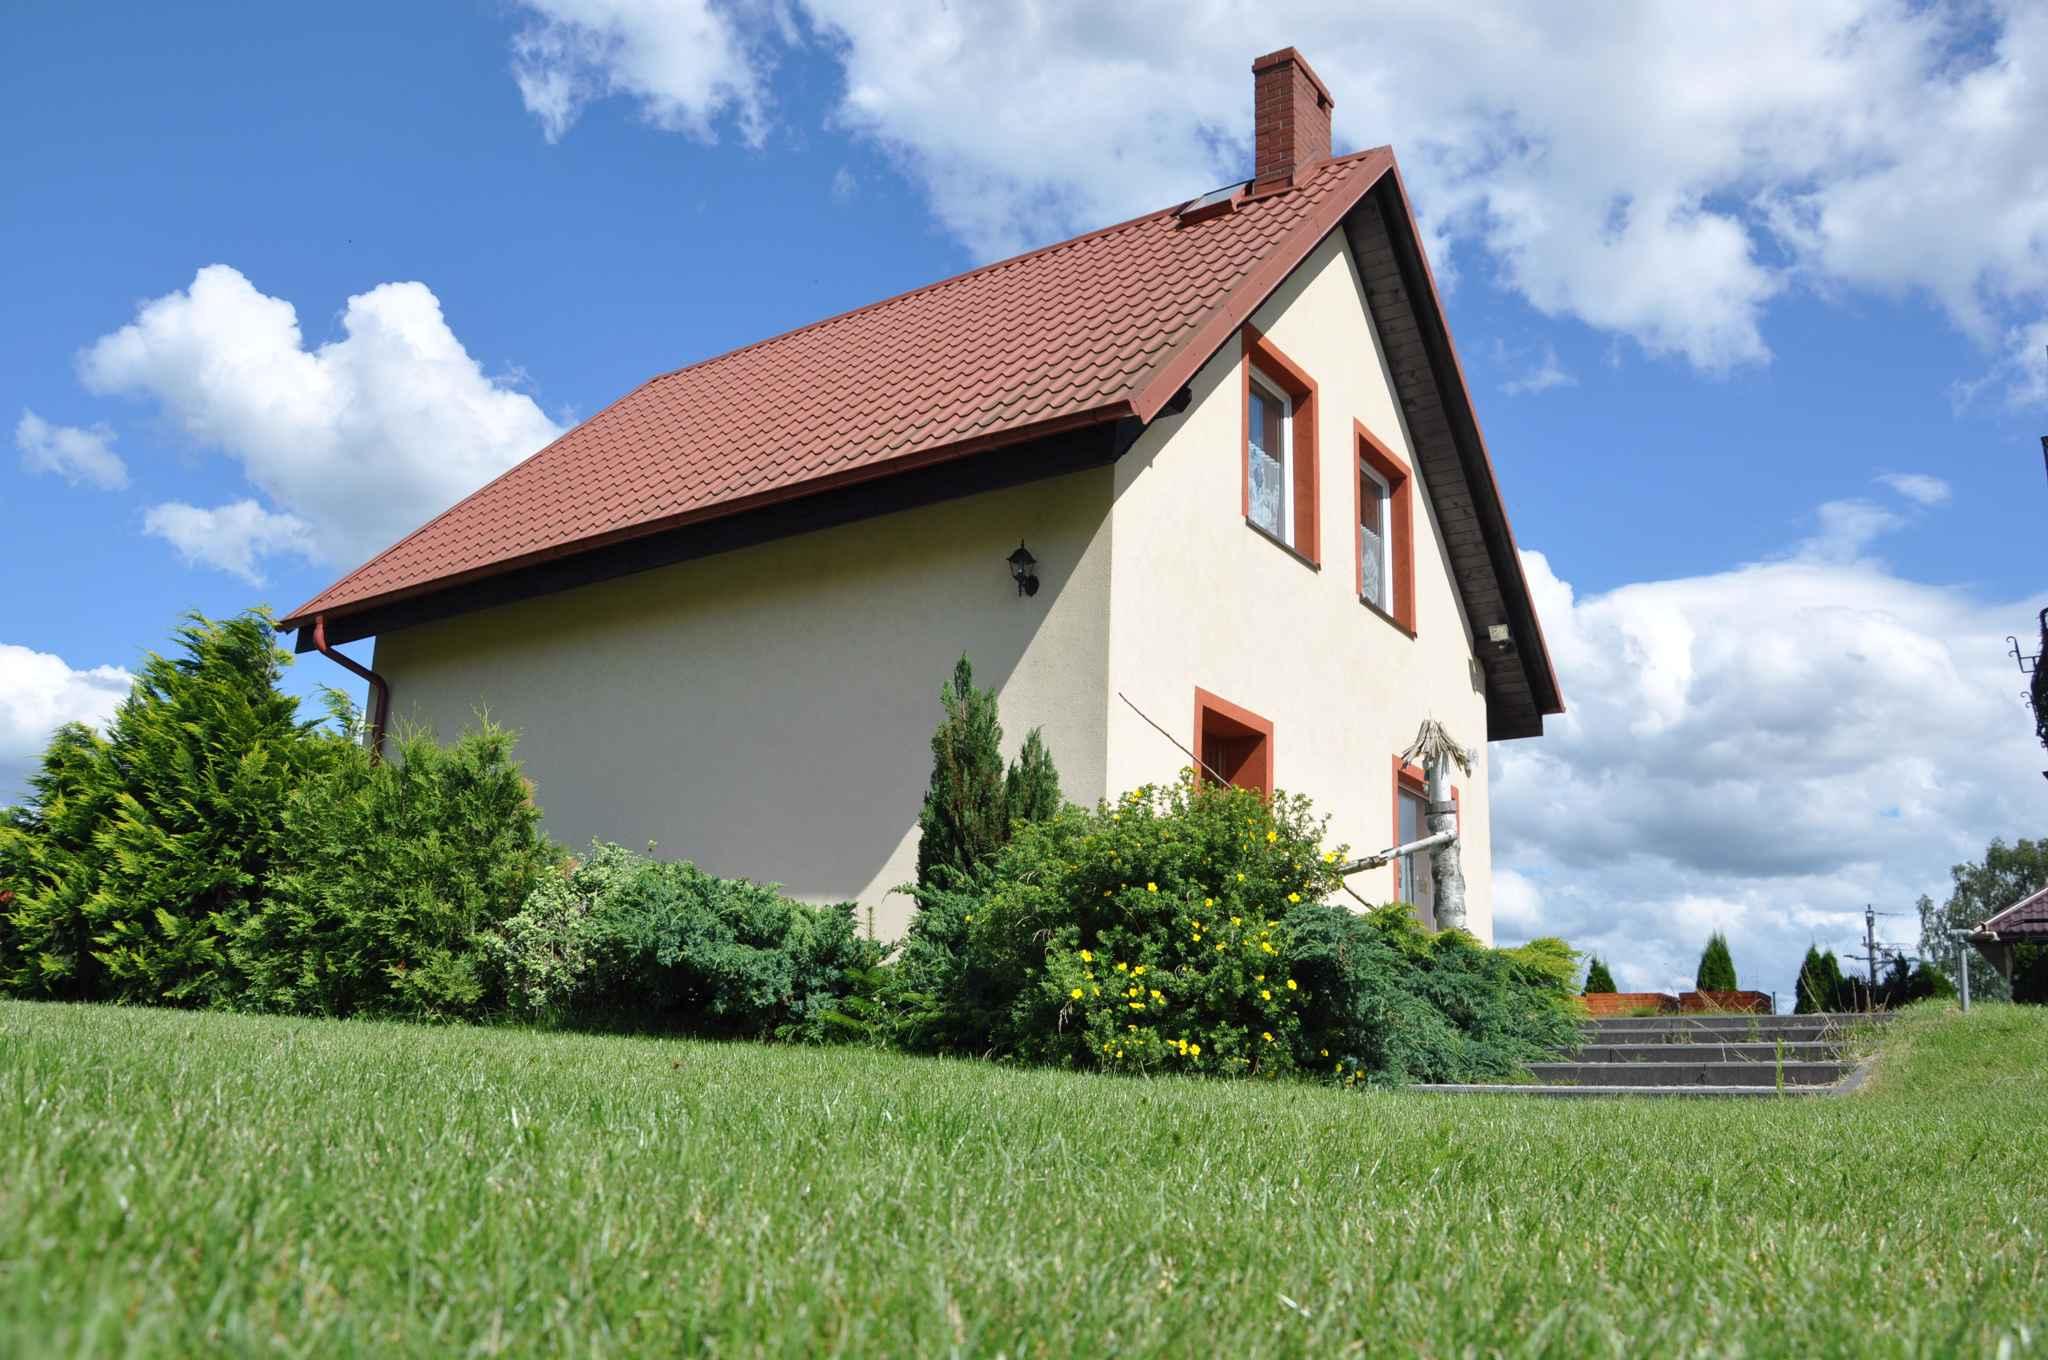 Ferienhaus 300 m od jeziora, 30 km od Morza Ba?tyc Ferienhaus in Polen